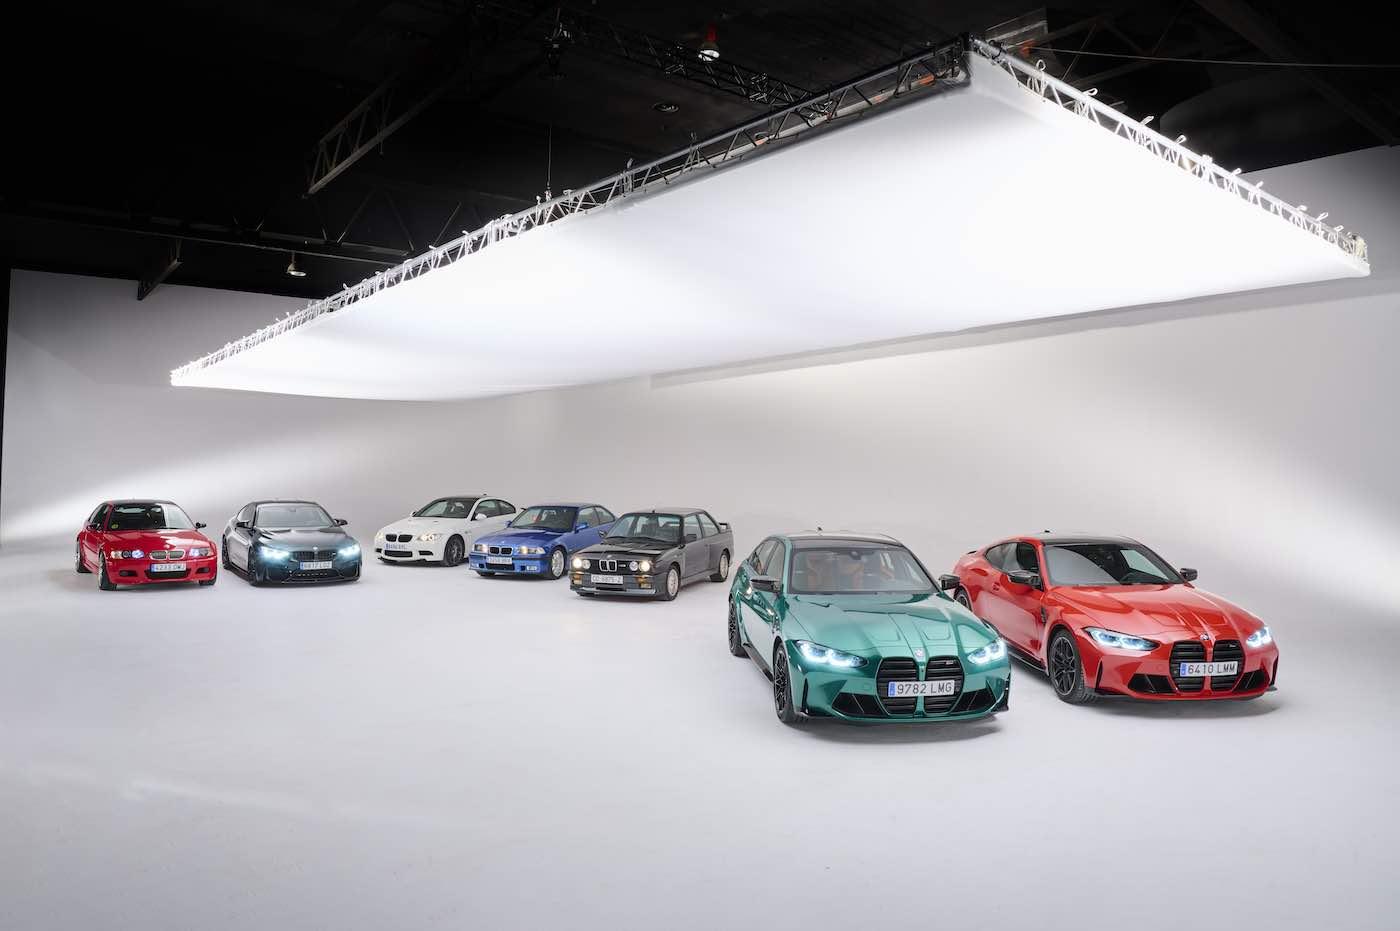 El fabricante alemán reunió las 5 generaciones anteriores para conmemorar sus más de 35 años que cumple como la mejor berlina deportiva de todos los tiempos.